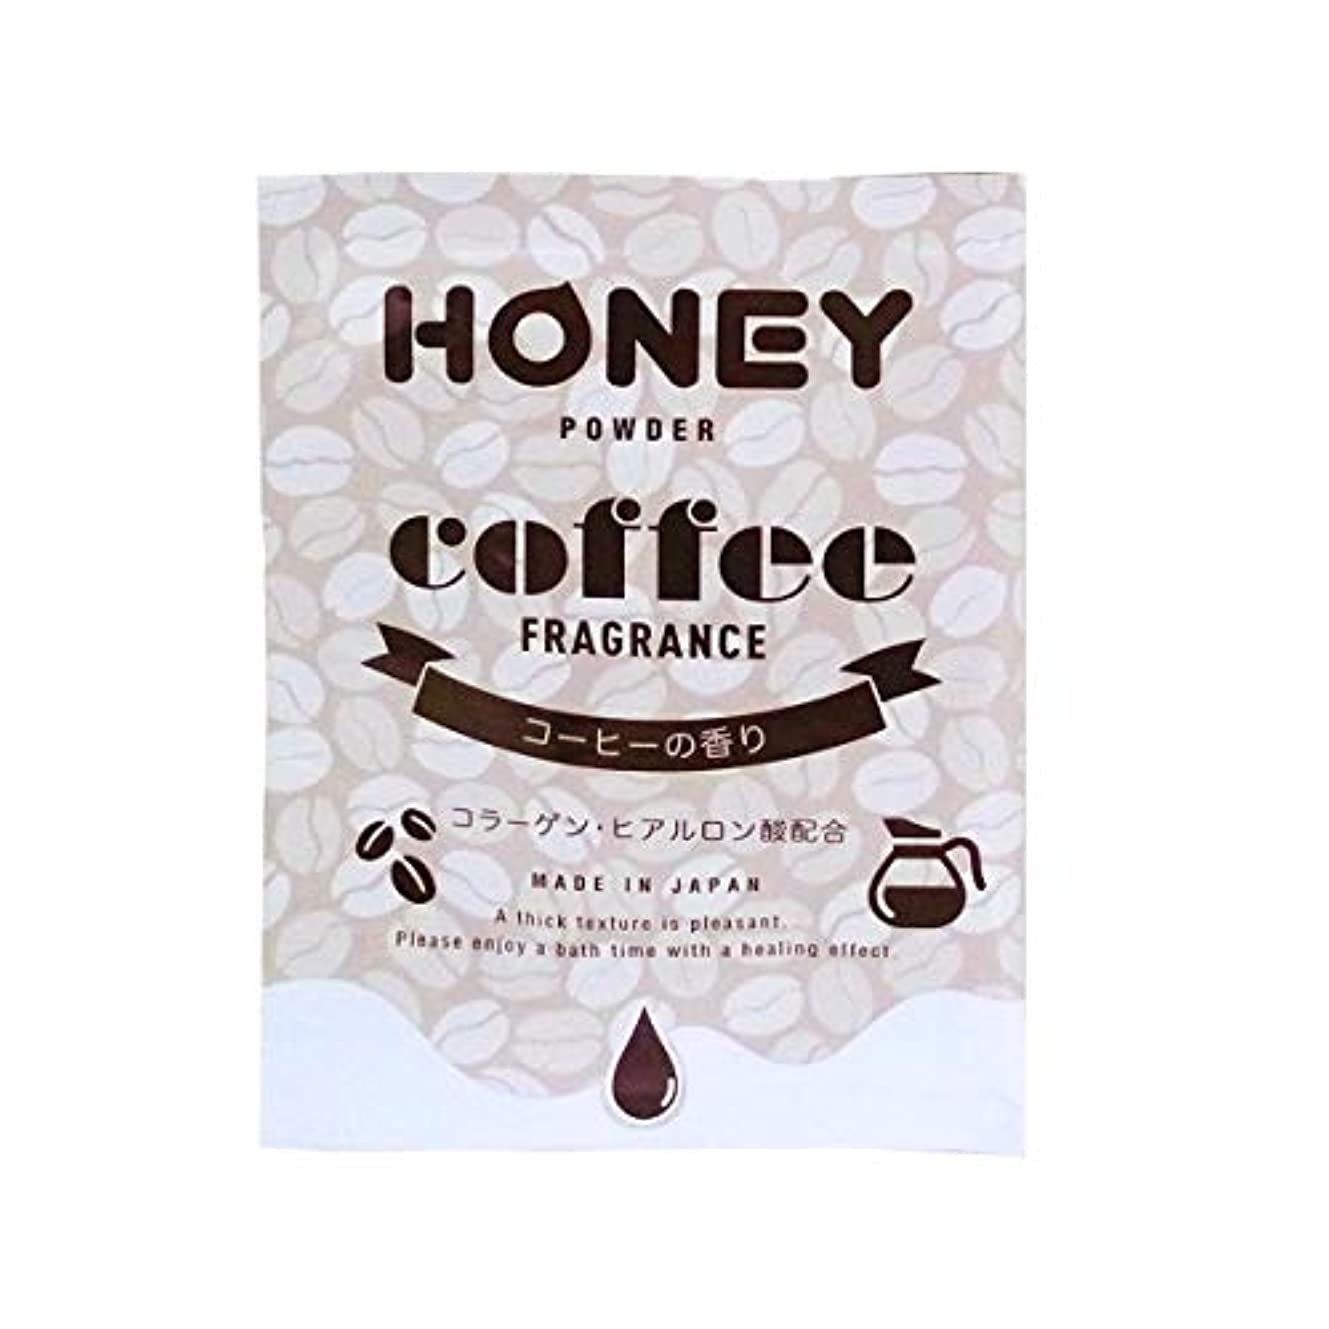 つまずくコール邪魔するとろとろ入浴剤【honey powder】(ハニーパウダー) コーヒーの香り 粉末タイプ ローション